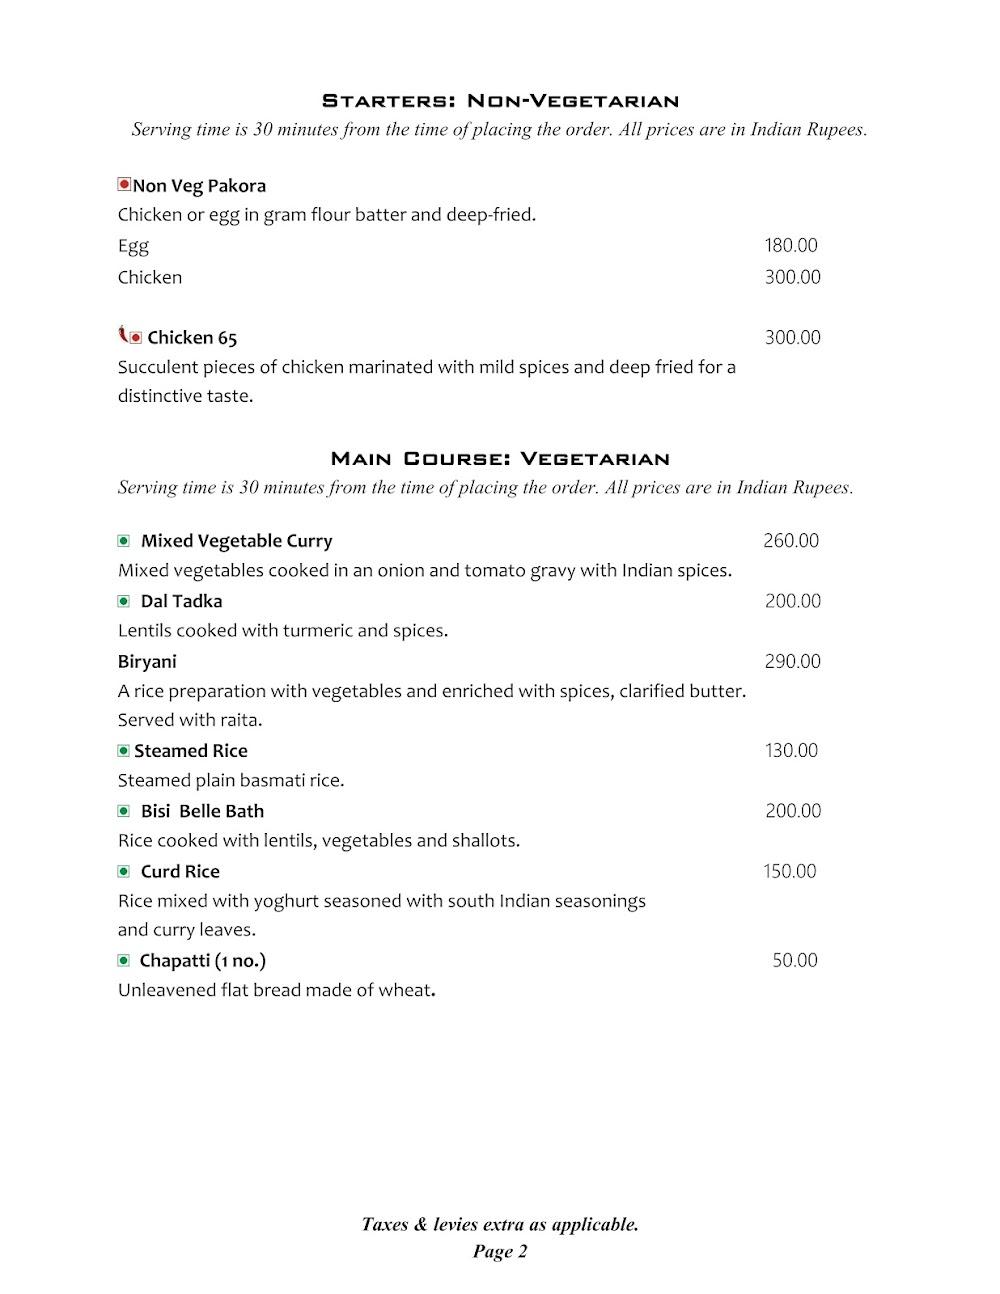 Cafe @ Elanza menu 1